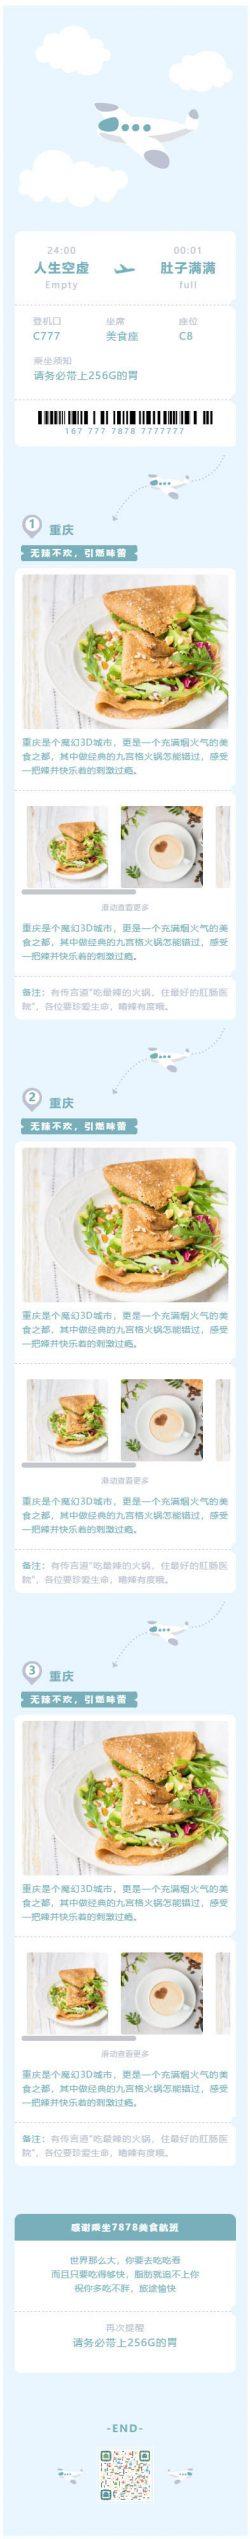 重庆旅游旅行蓝色清新风格左右滑动微信模板公众号美食推文